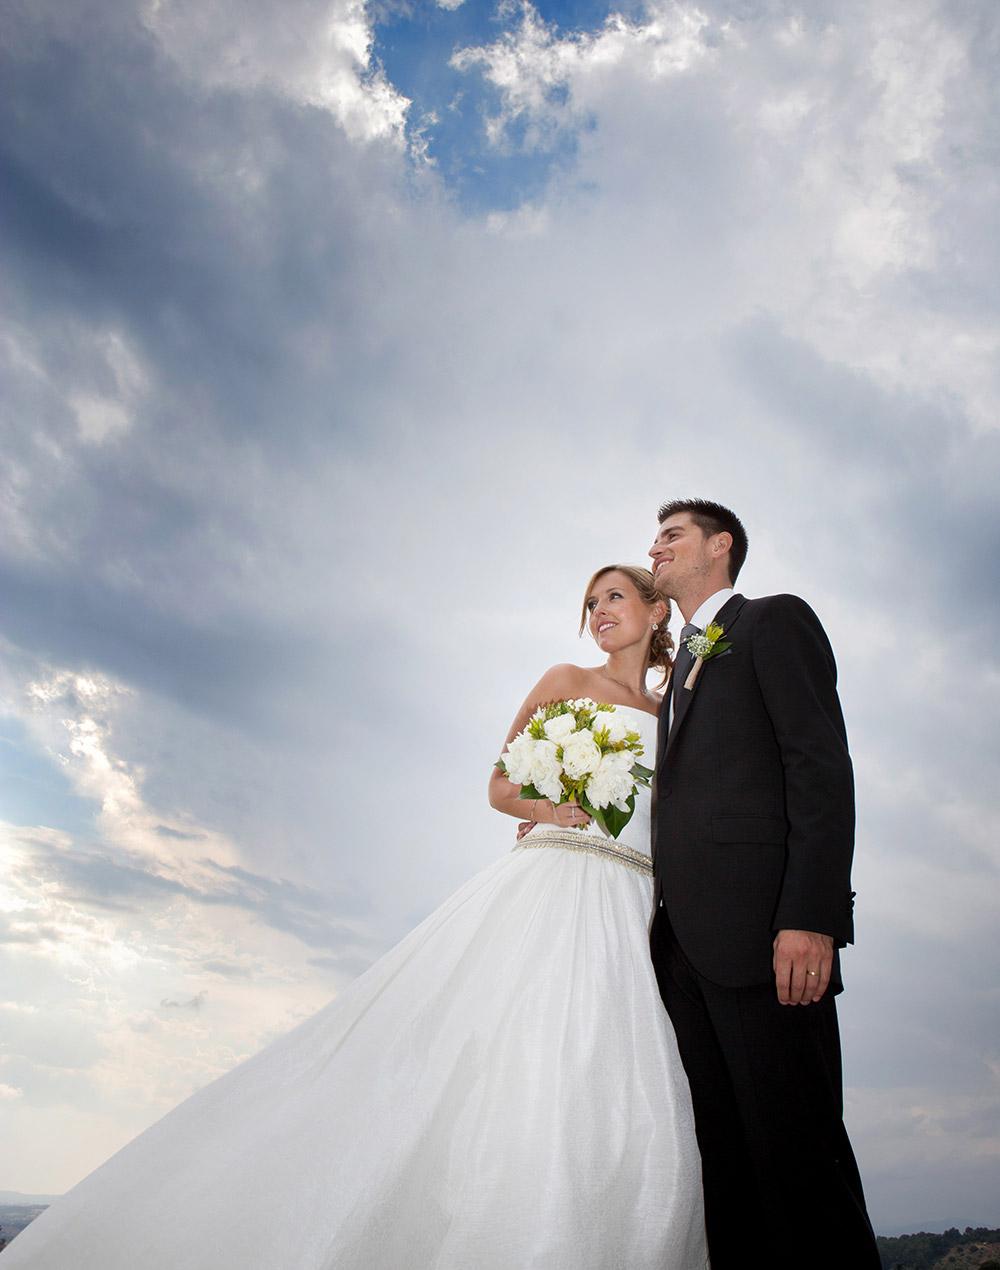 fotografia-casament-jordi-muntal-granollers-08